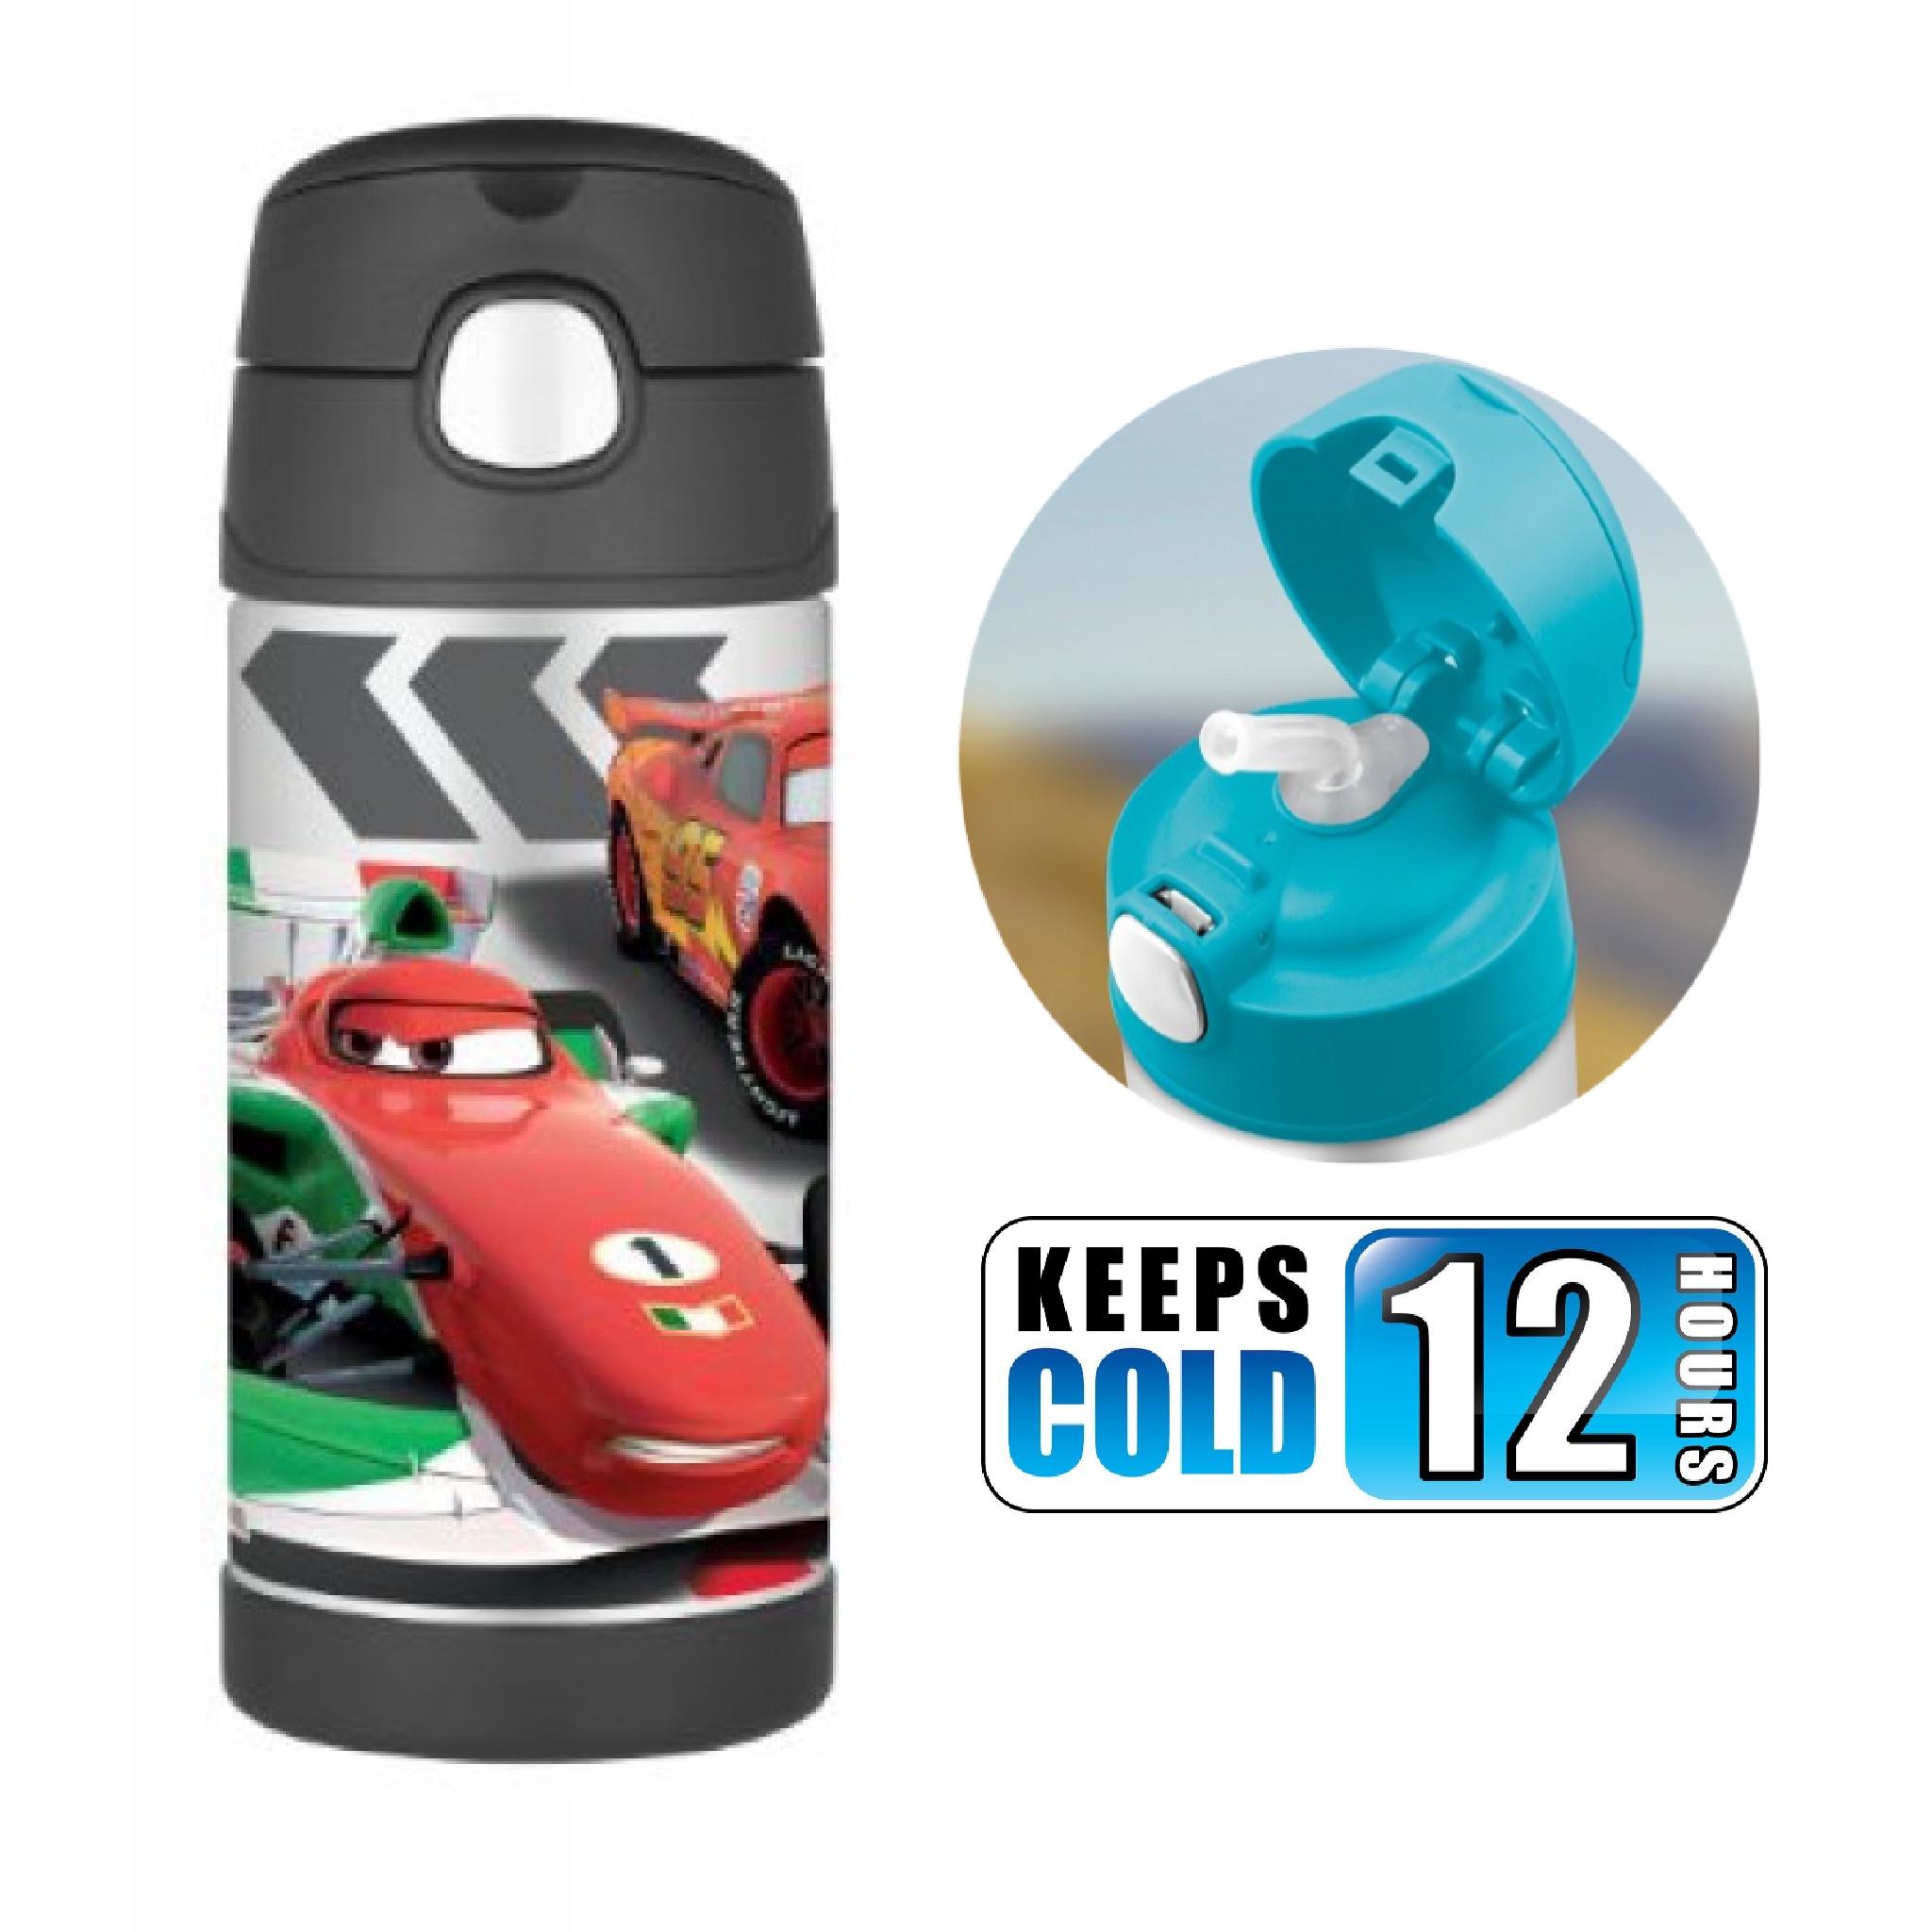 กระติกน้ำสเตนเลสรักษาอุณหภูมิ Thermos FUNtainer Vacuum Insulated Stainless Steel Bottle 12OZ (No Carry Handle) (Cars)